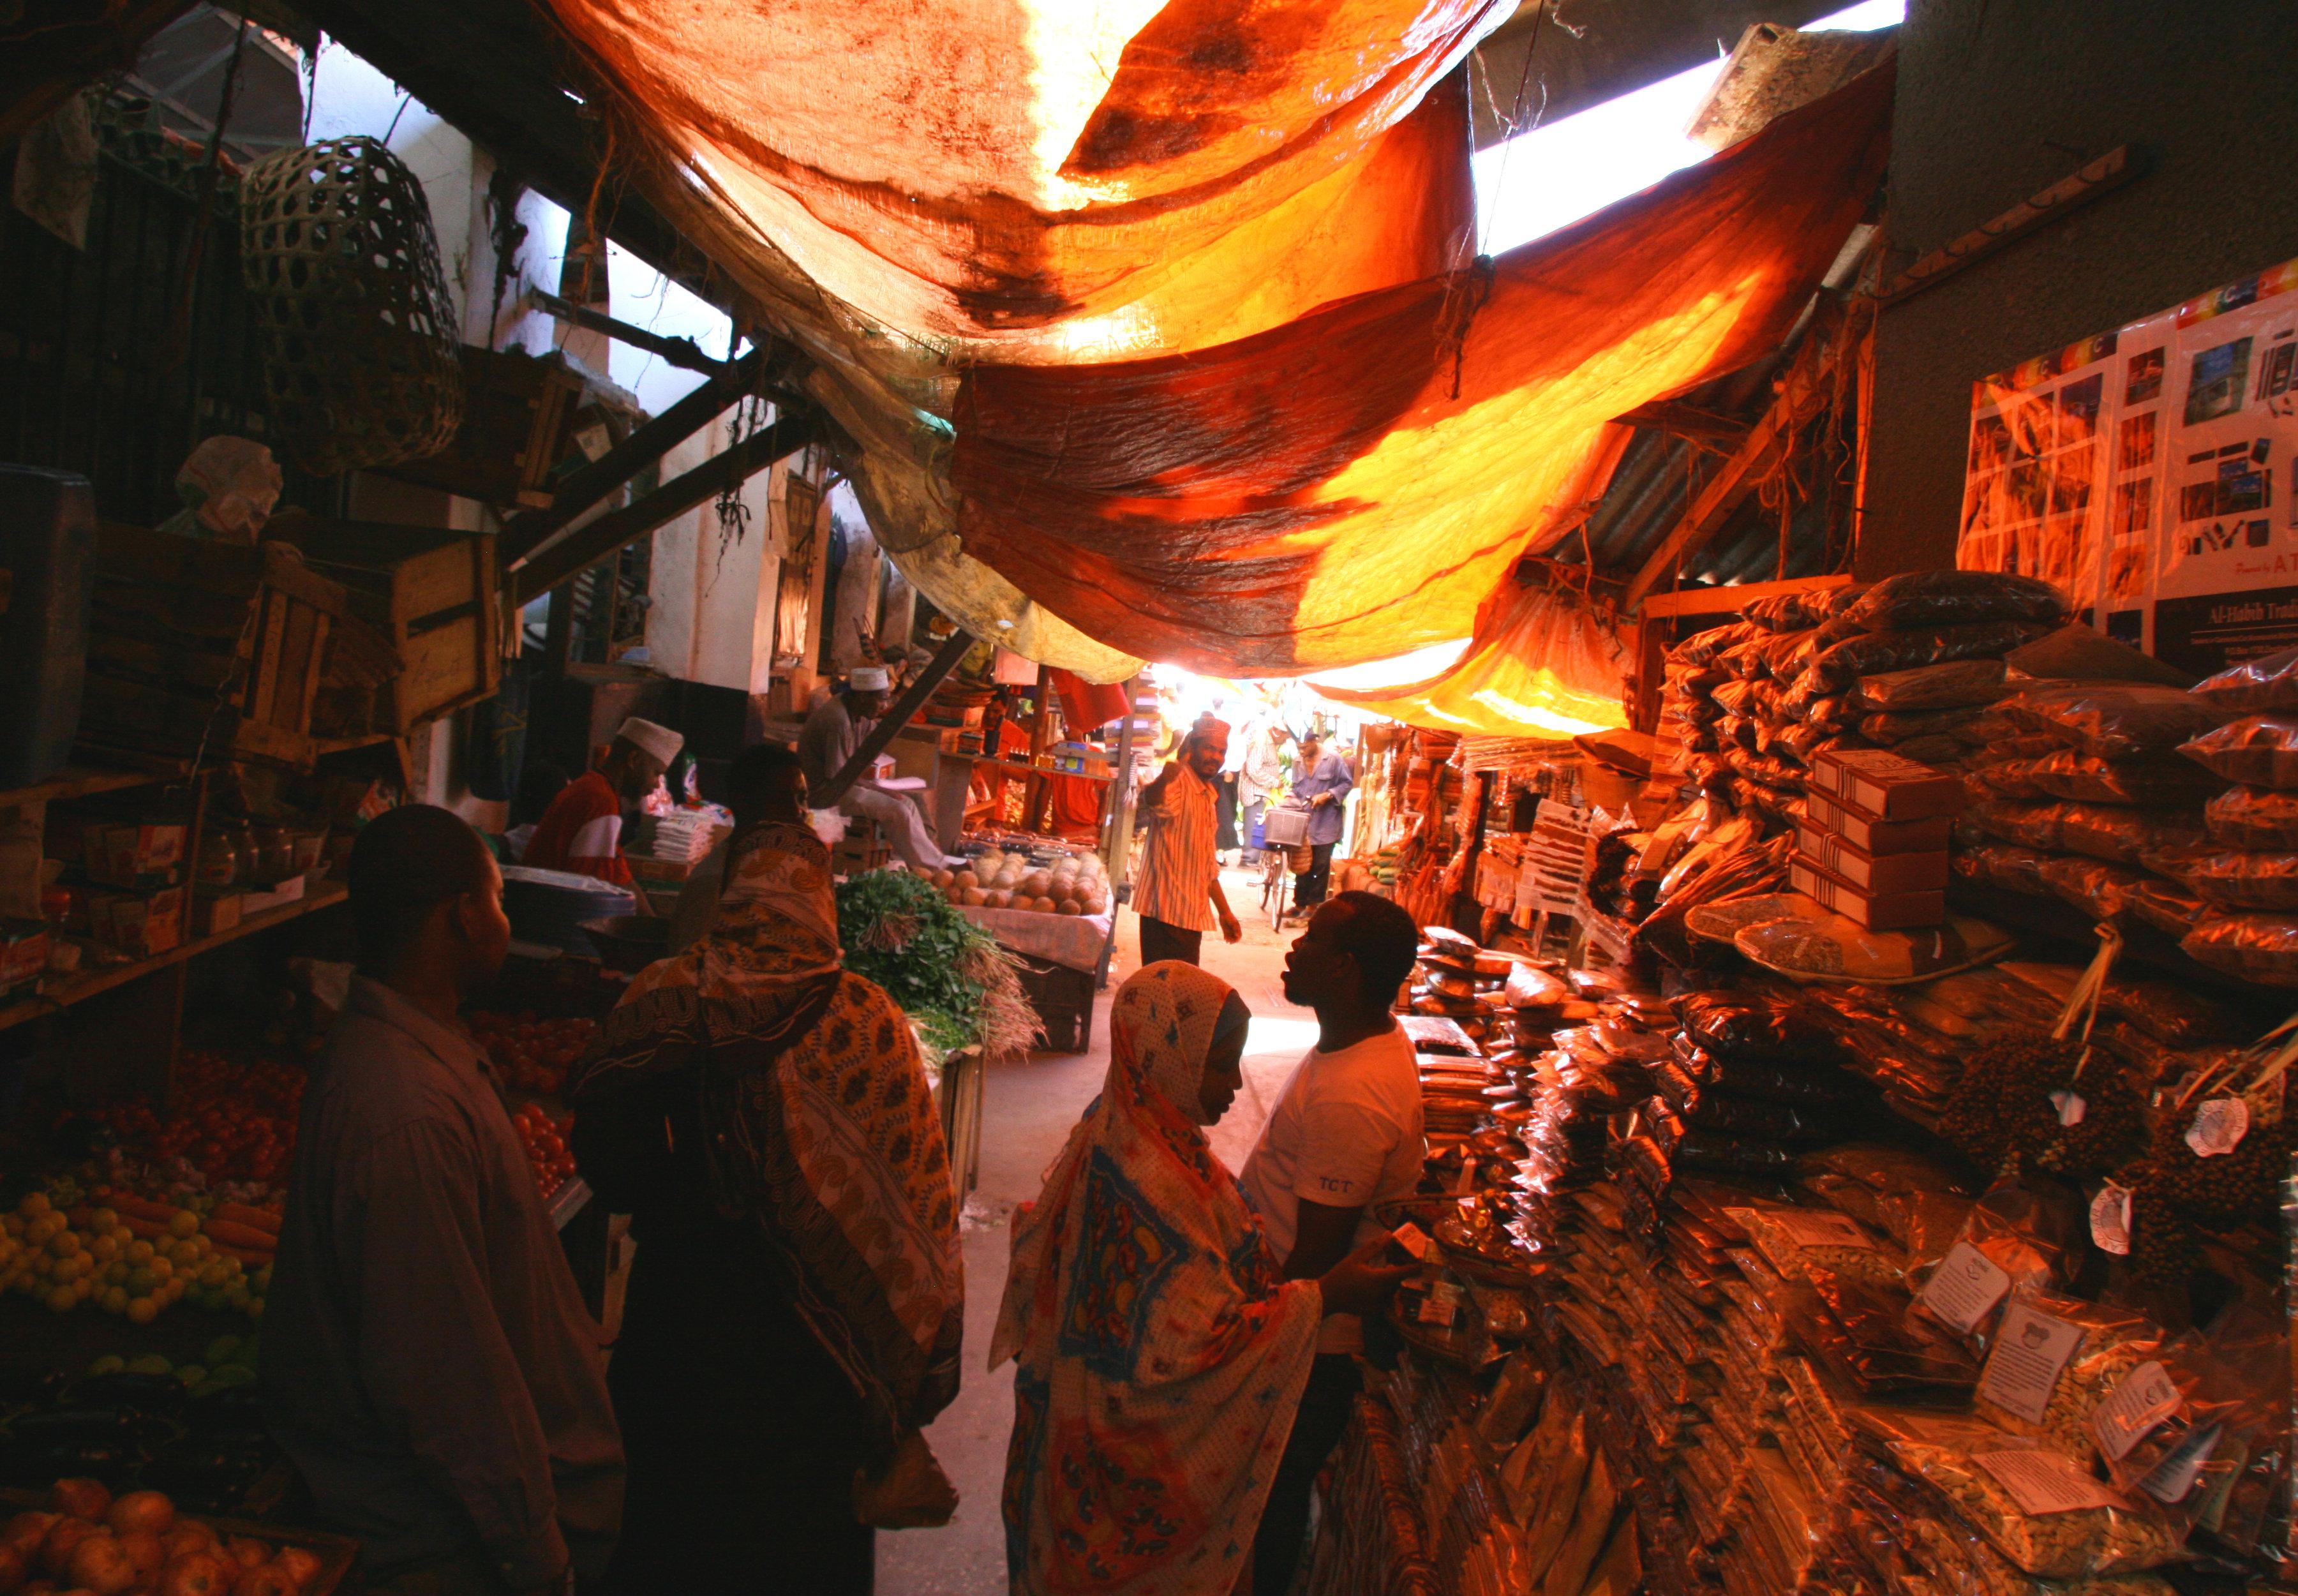 Stone Town Bazaar